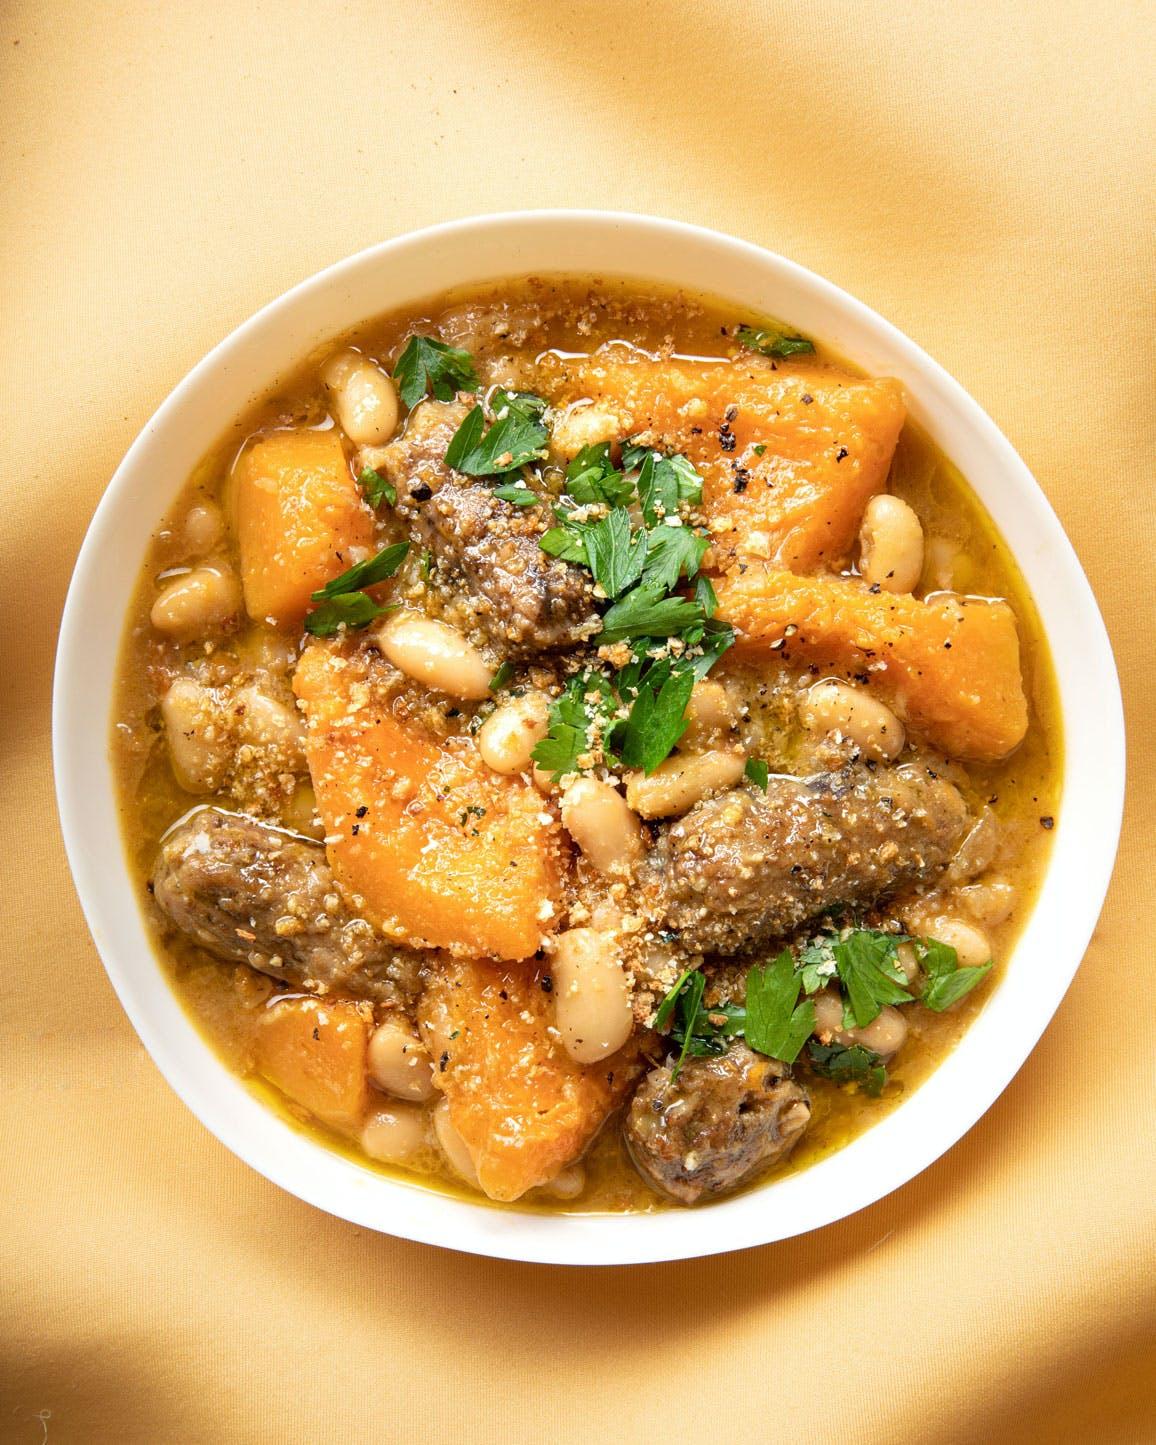 Allplants Vegan Sausage Casserole Recipe